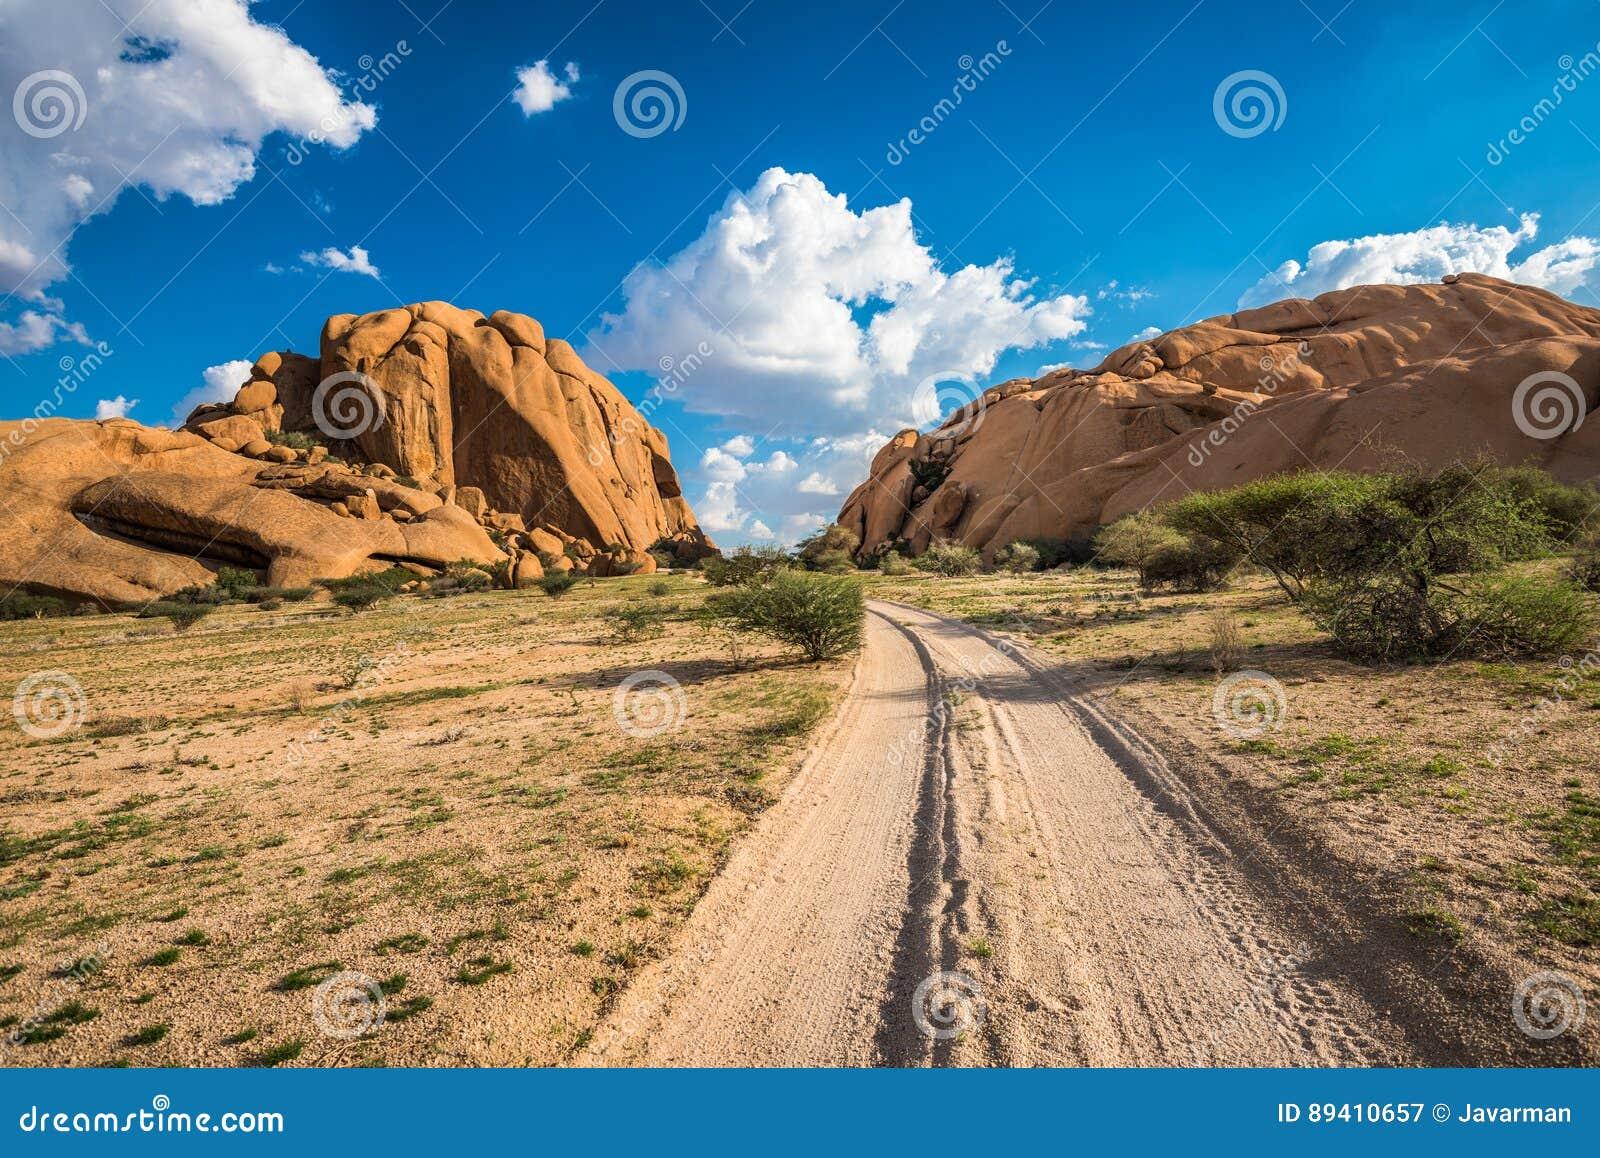 Spitzkoppe, formação de rocha original em Damaraland, Namíbia